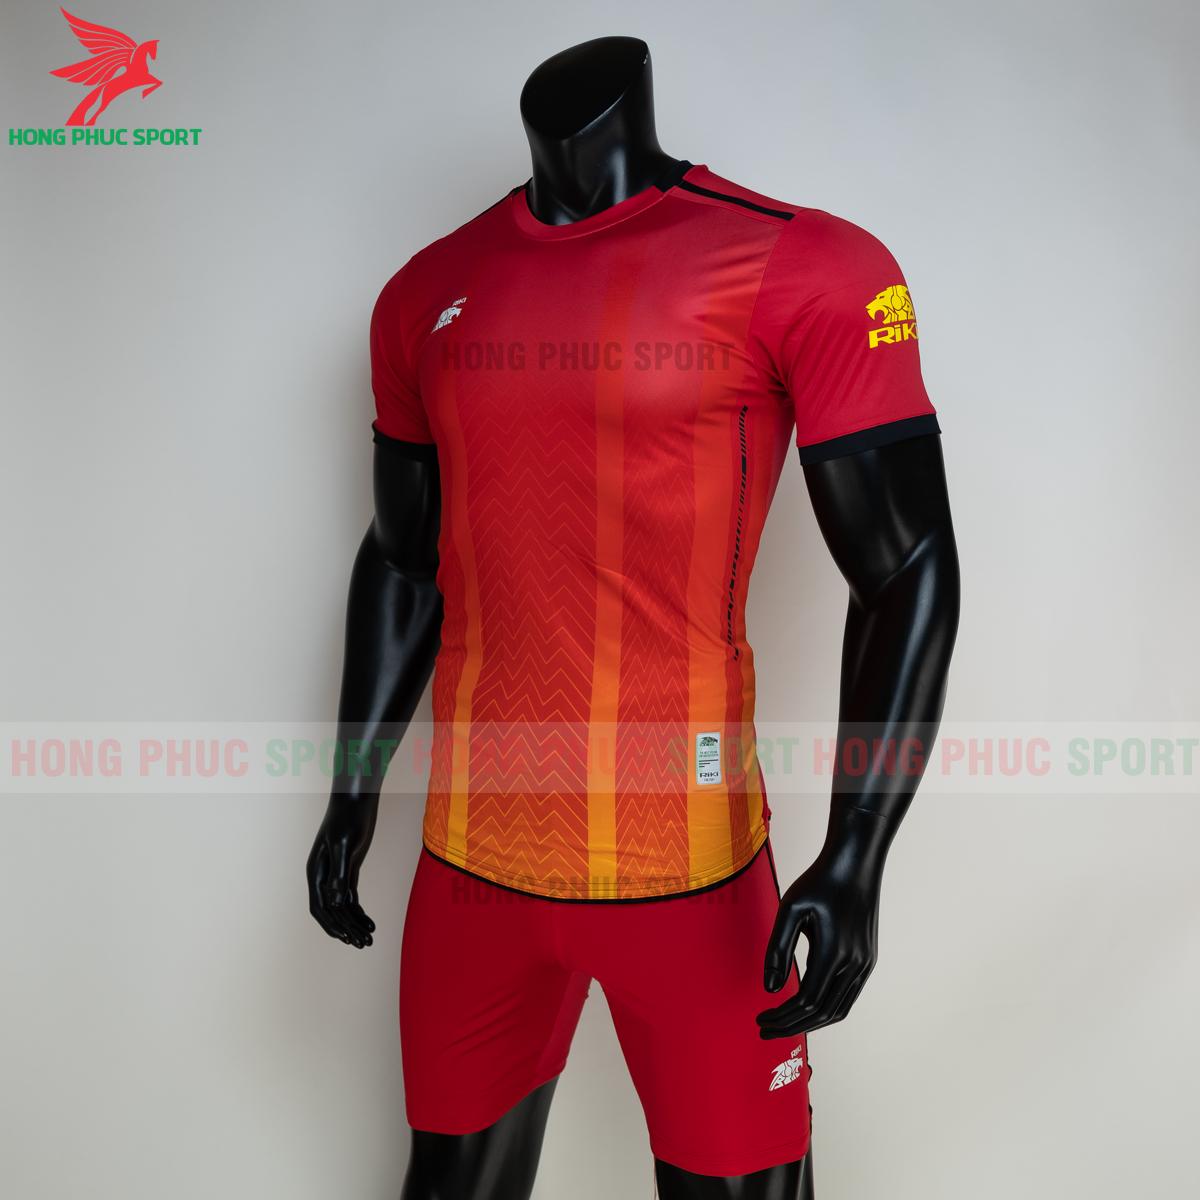 https://cdn.hongphucsport.com/unsafe/s4.shopbay.vn/files/285/ao-bong-da-khong-logo-riki-furior-mau-do-4-605013a935c76.png